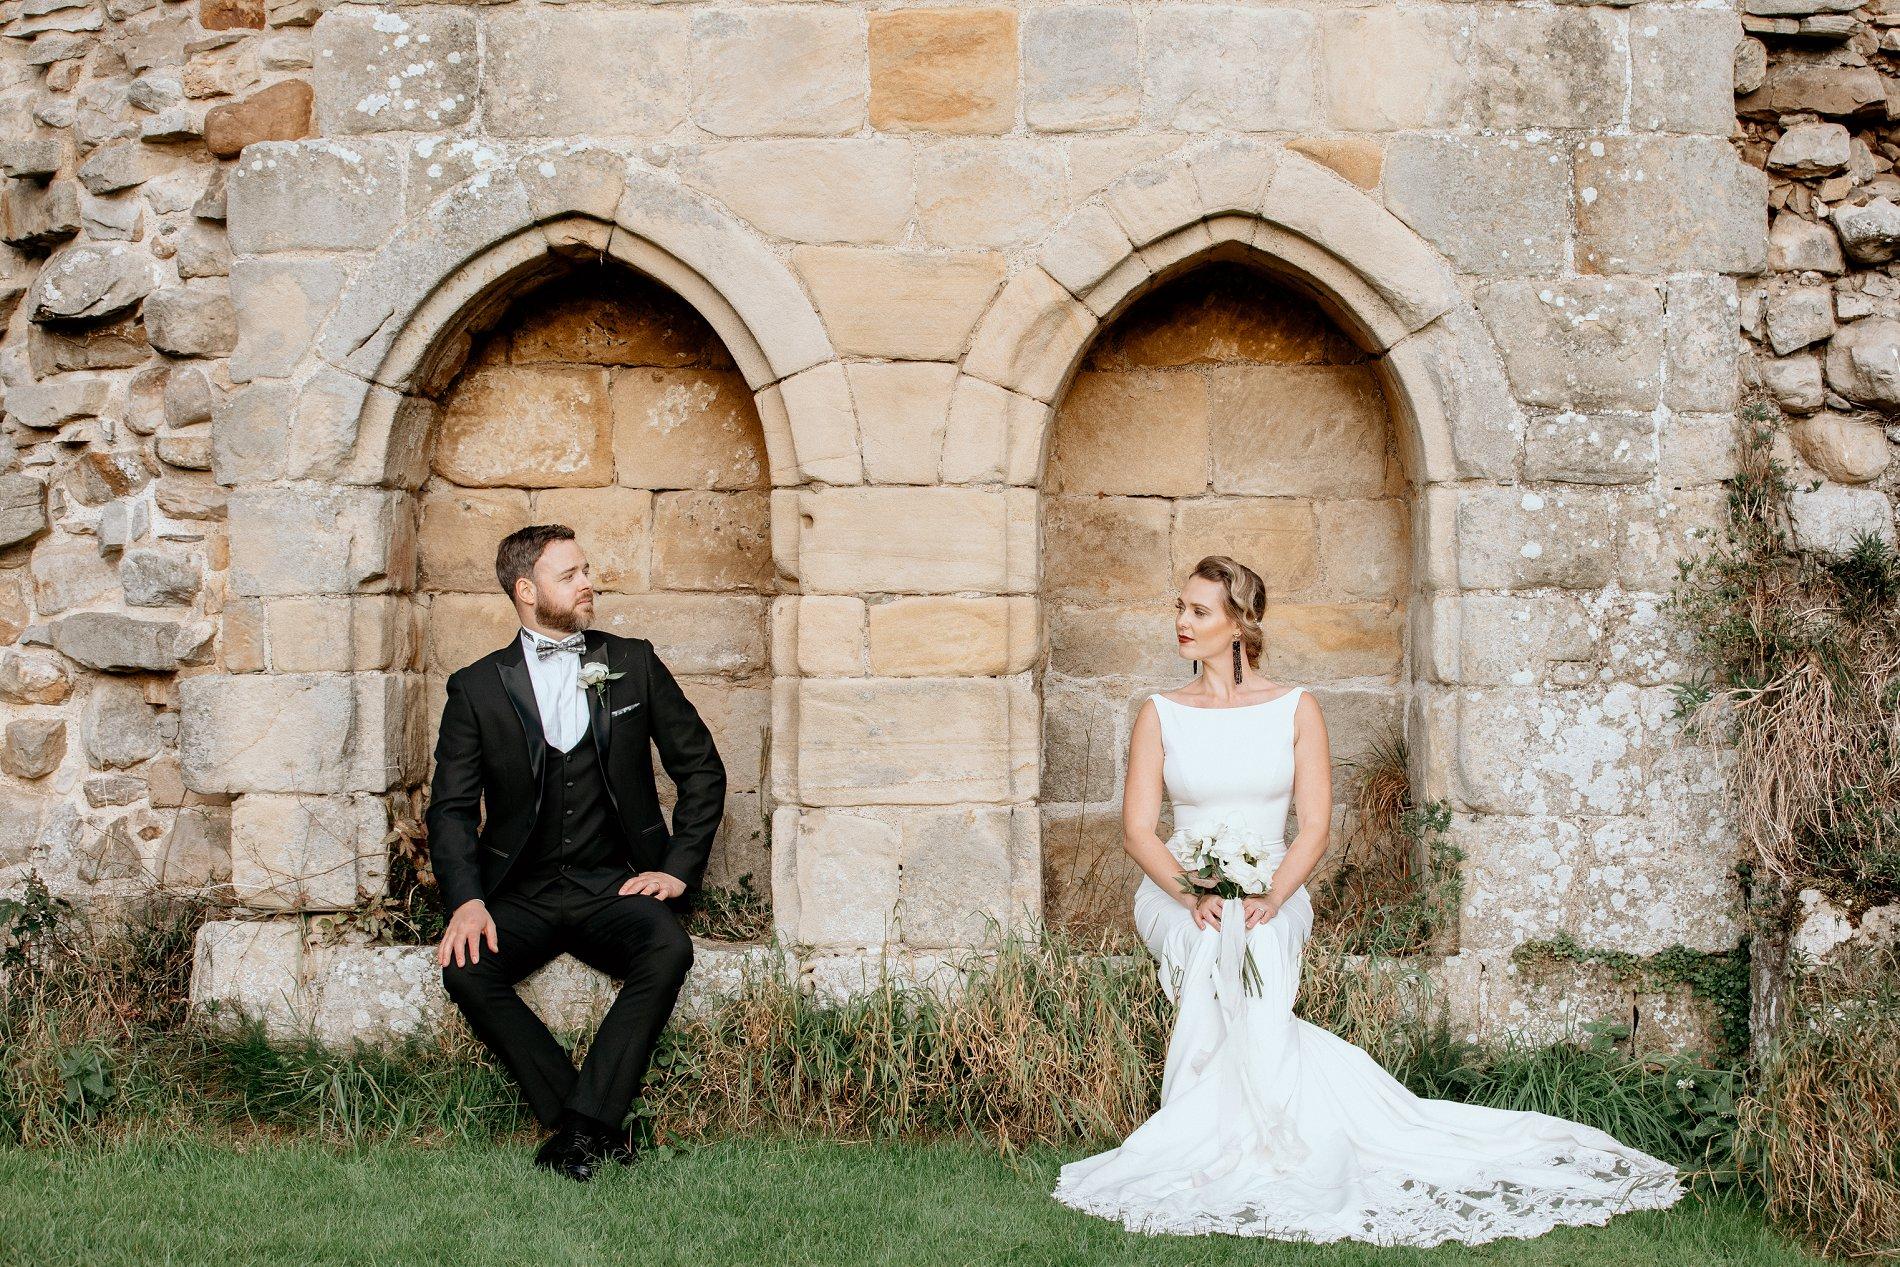 An Elegant Wedding Shoot at Jervaulx Abbey (c) Natalie Hamilton Photography (74)